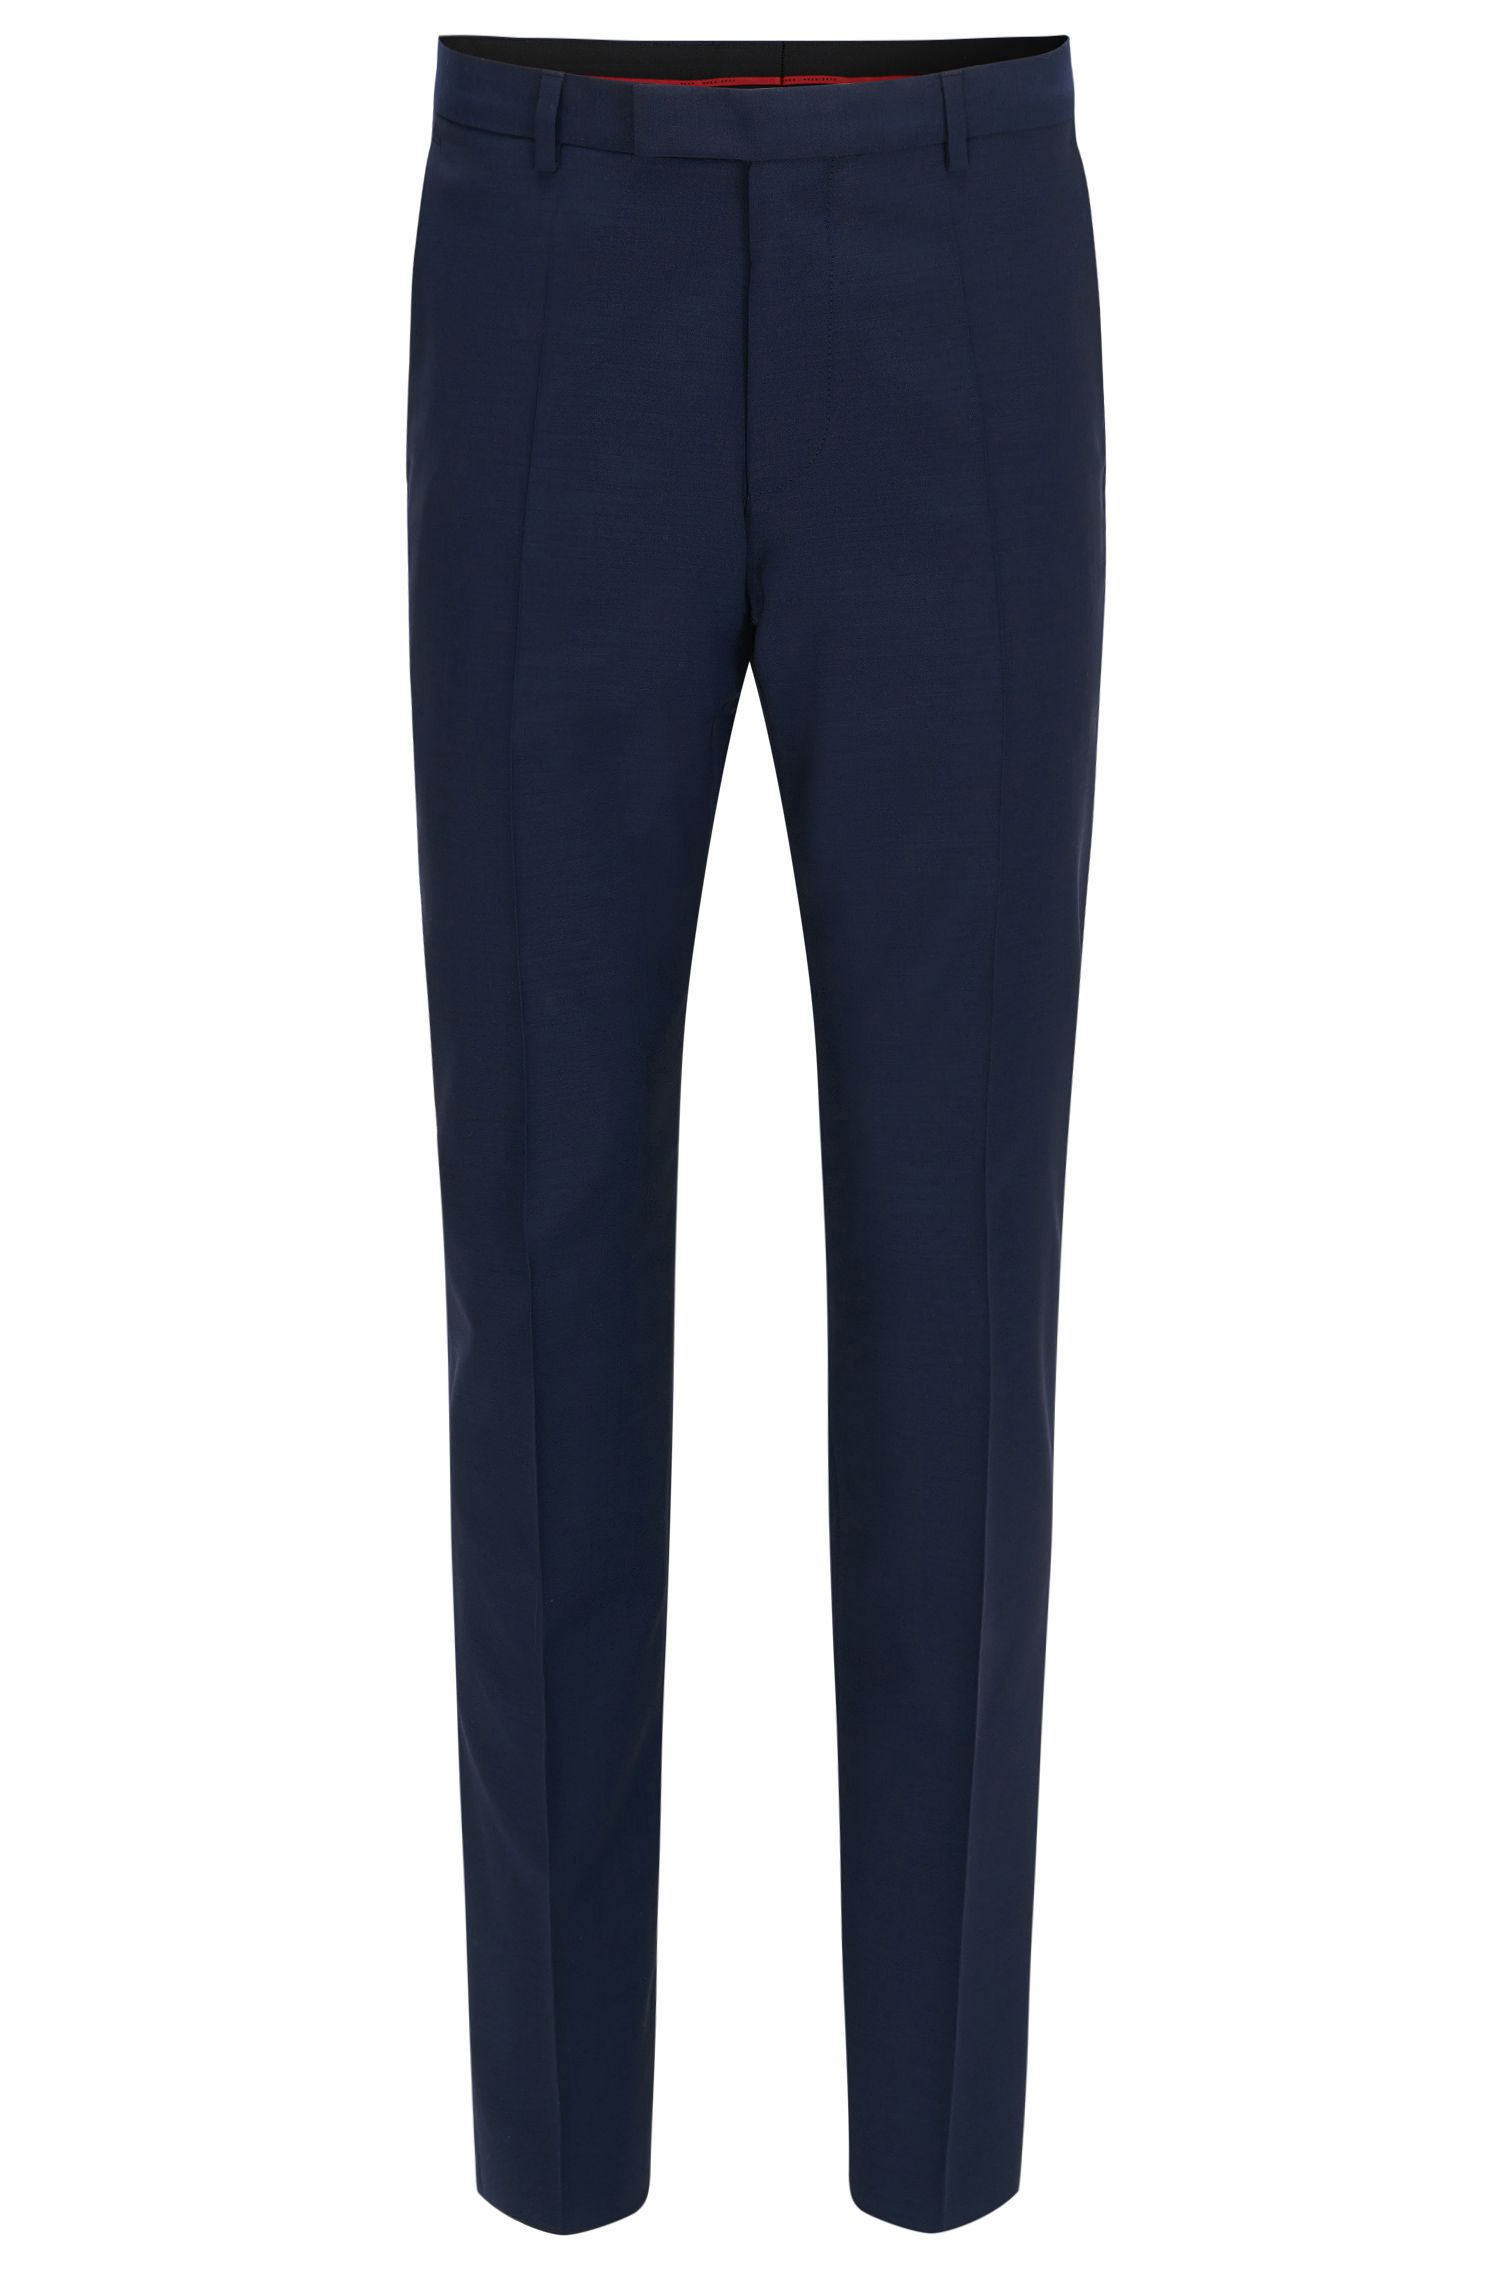 Pantalones regular fit en lana virgen